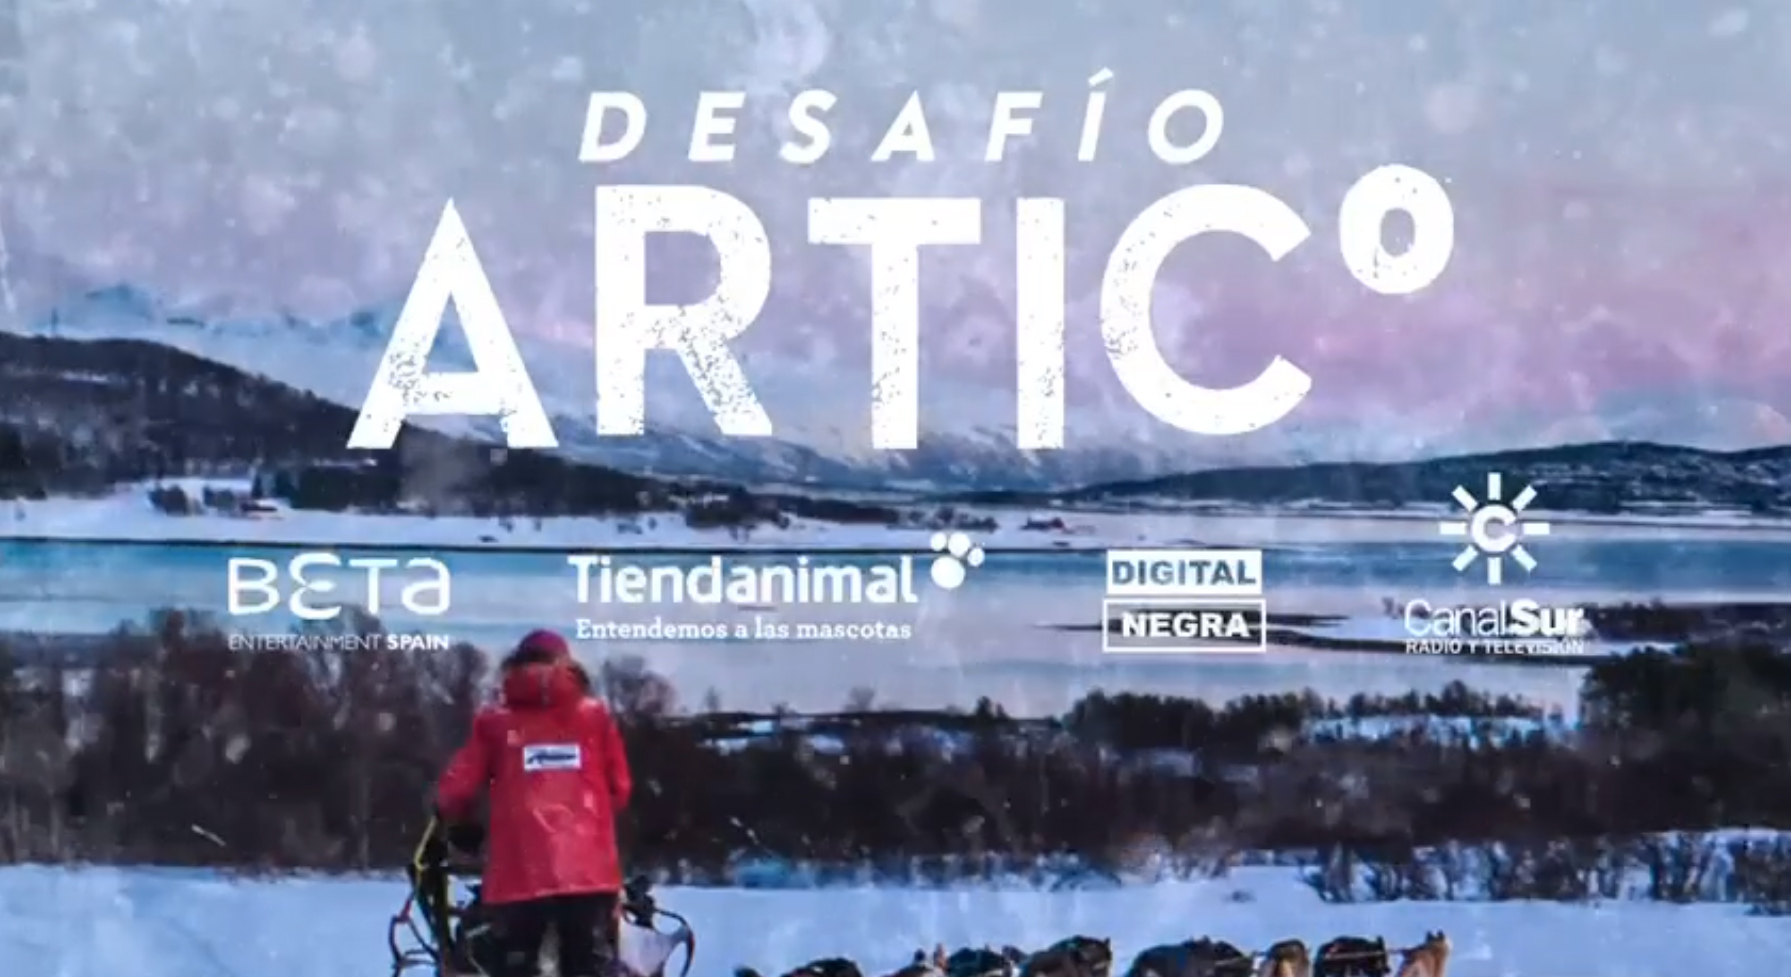 Este fin de semana, en Sierra Nevada, presentaba una nueva edición de Desafío Ártico.